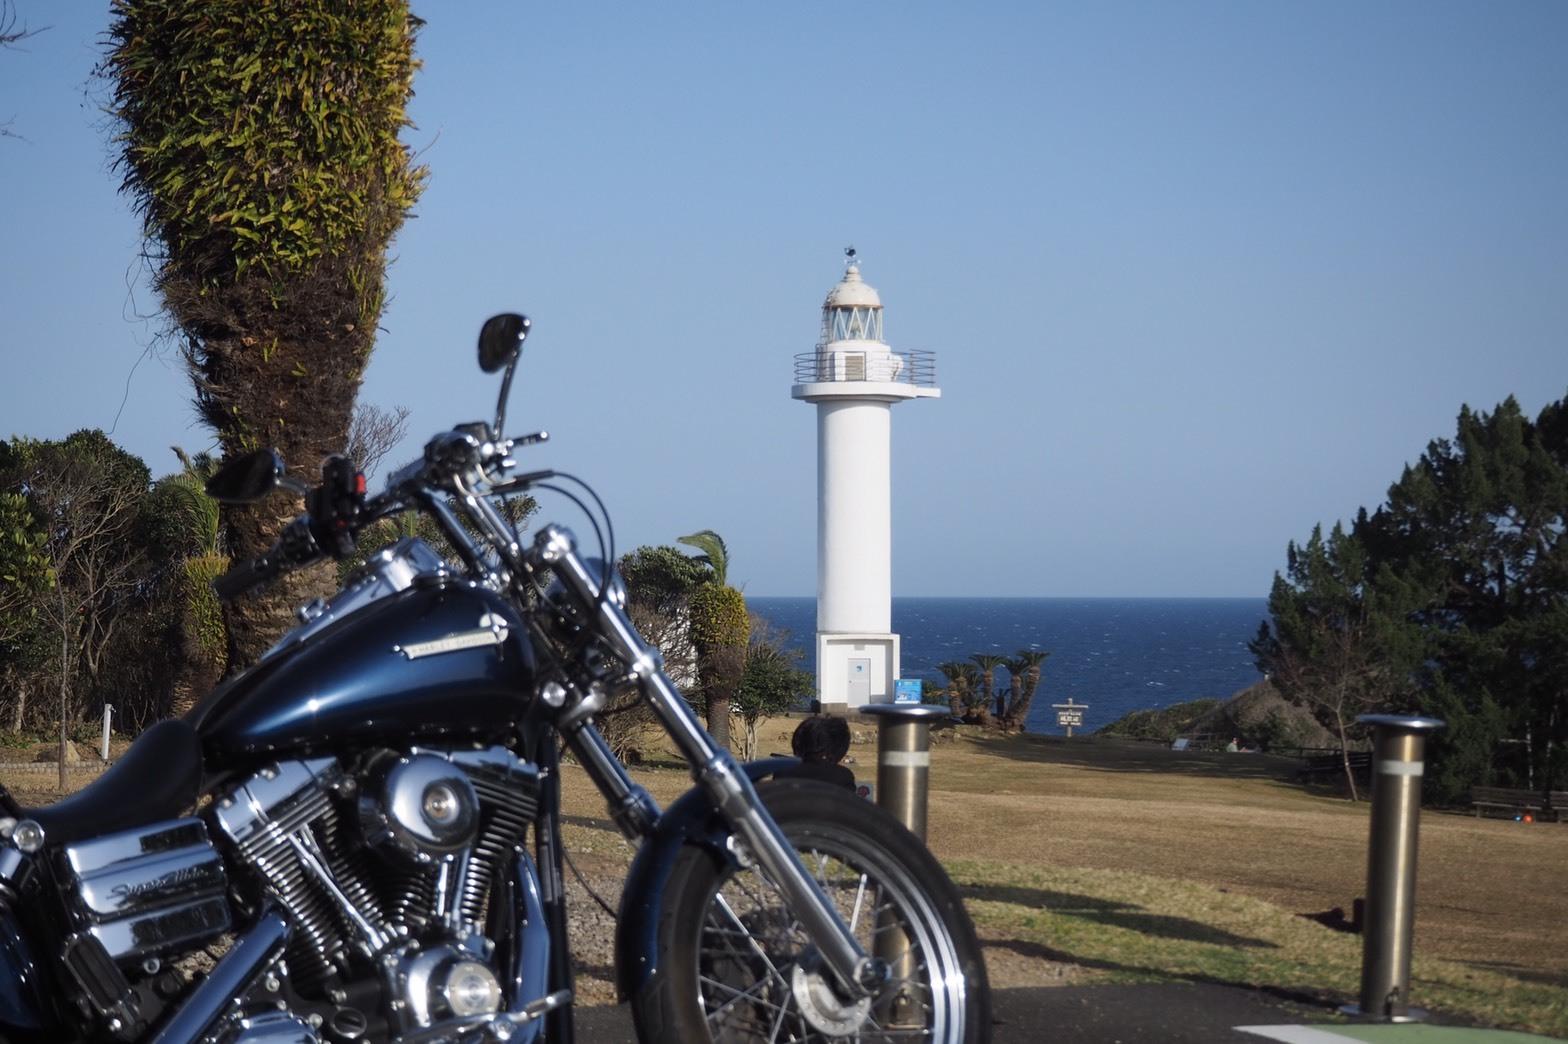 harleydavidson-motorcycle-touring-wakayama-kantorizaki-lighthouse.jpg